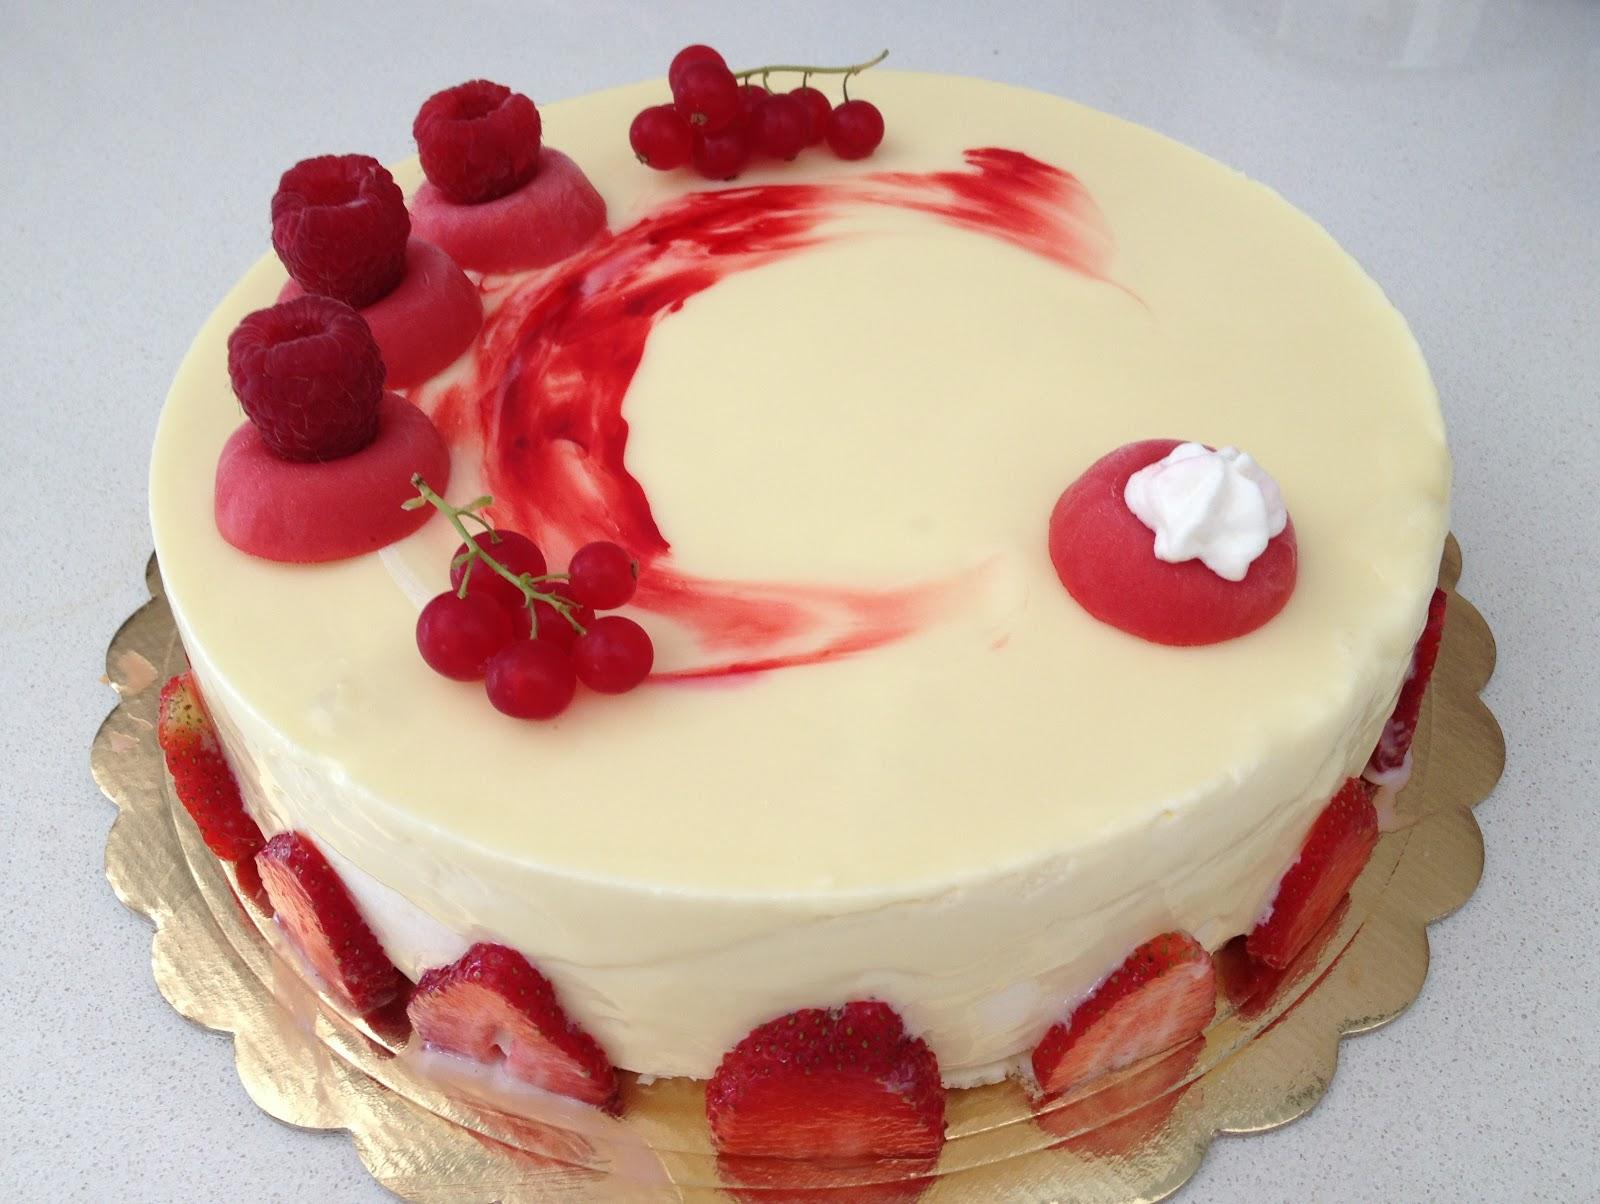 La pasticcioneria torta perla rubino di luca montersino - Decorazioni torte con glassa ...